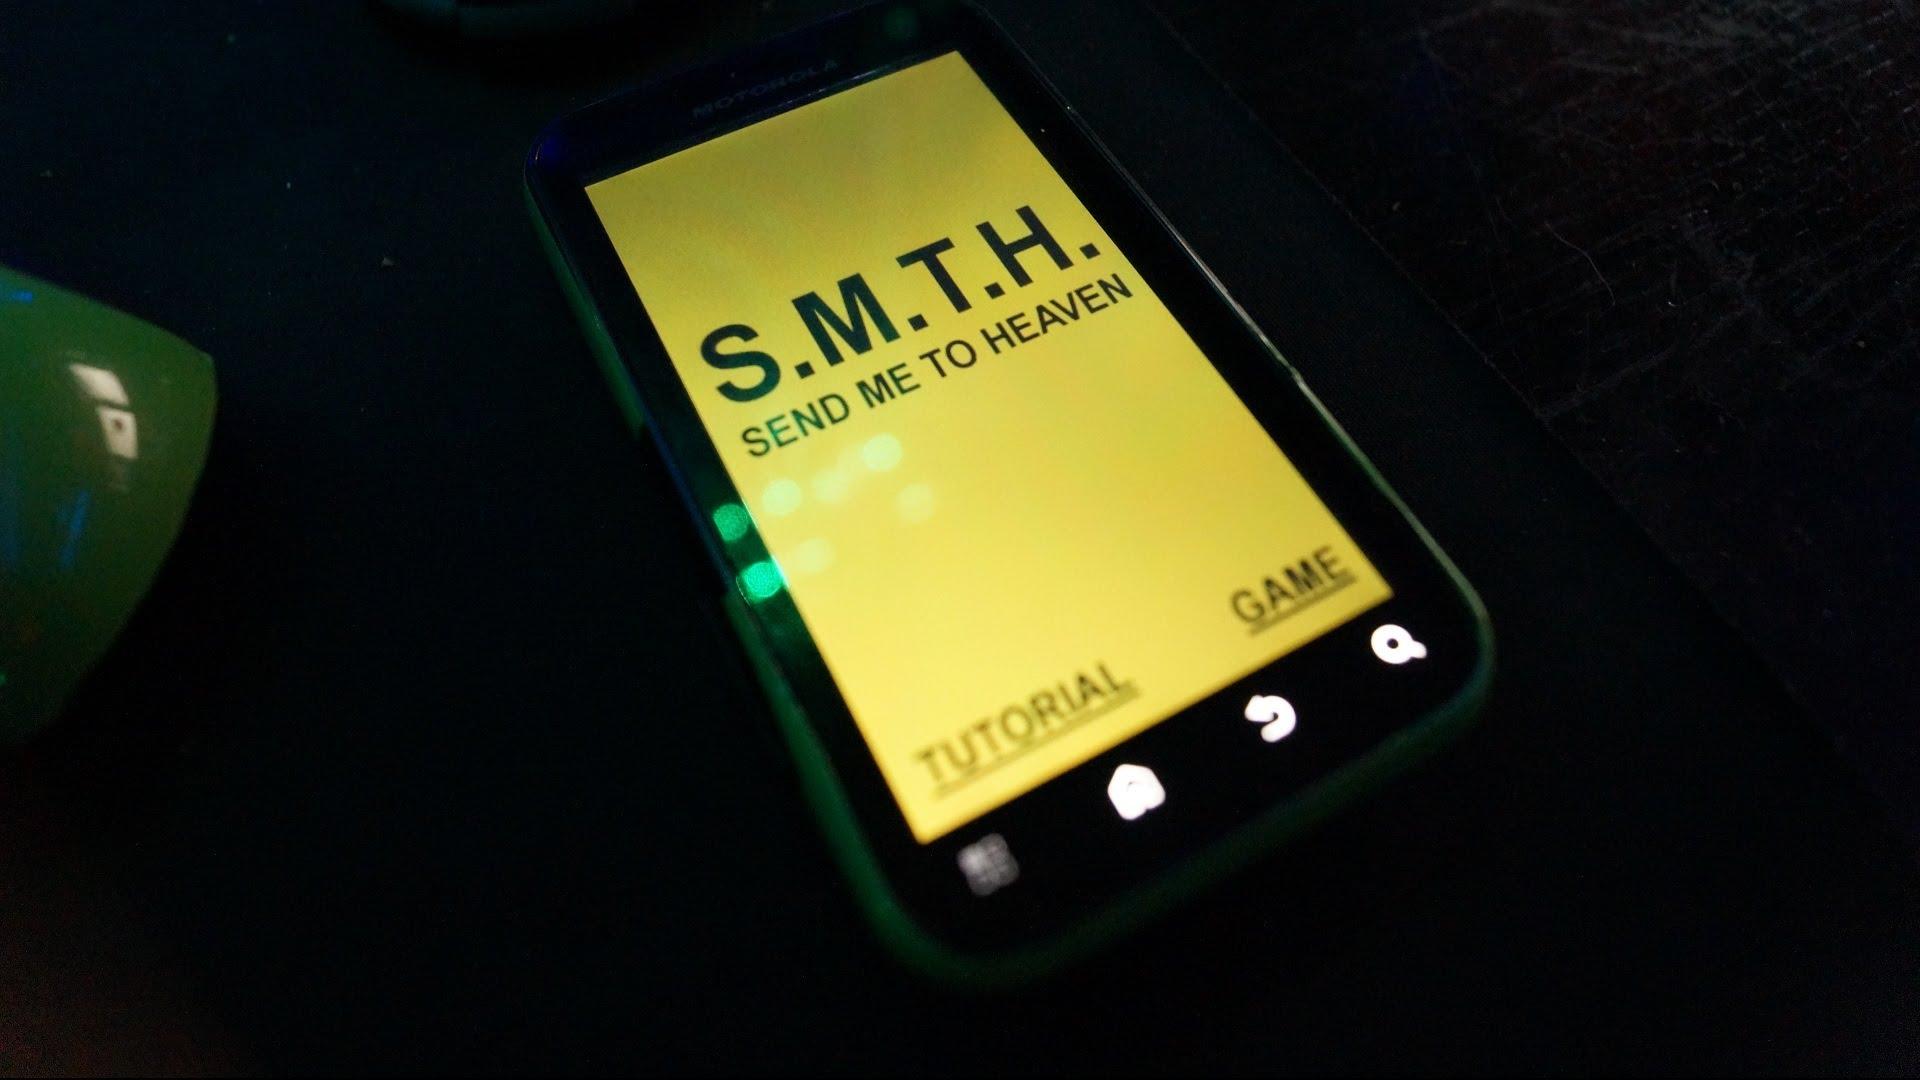 S.M.T.H.